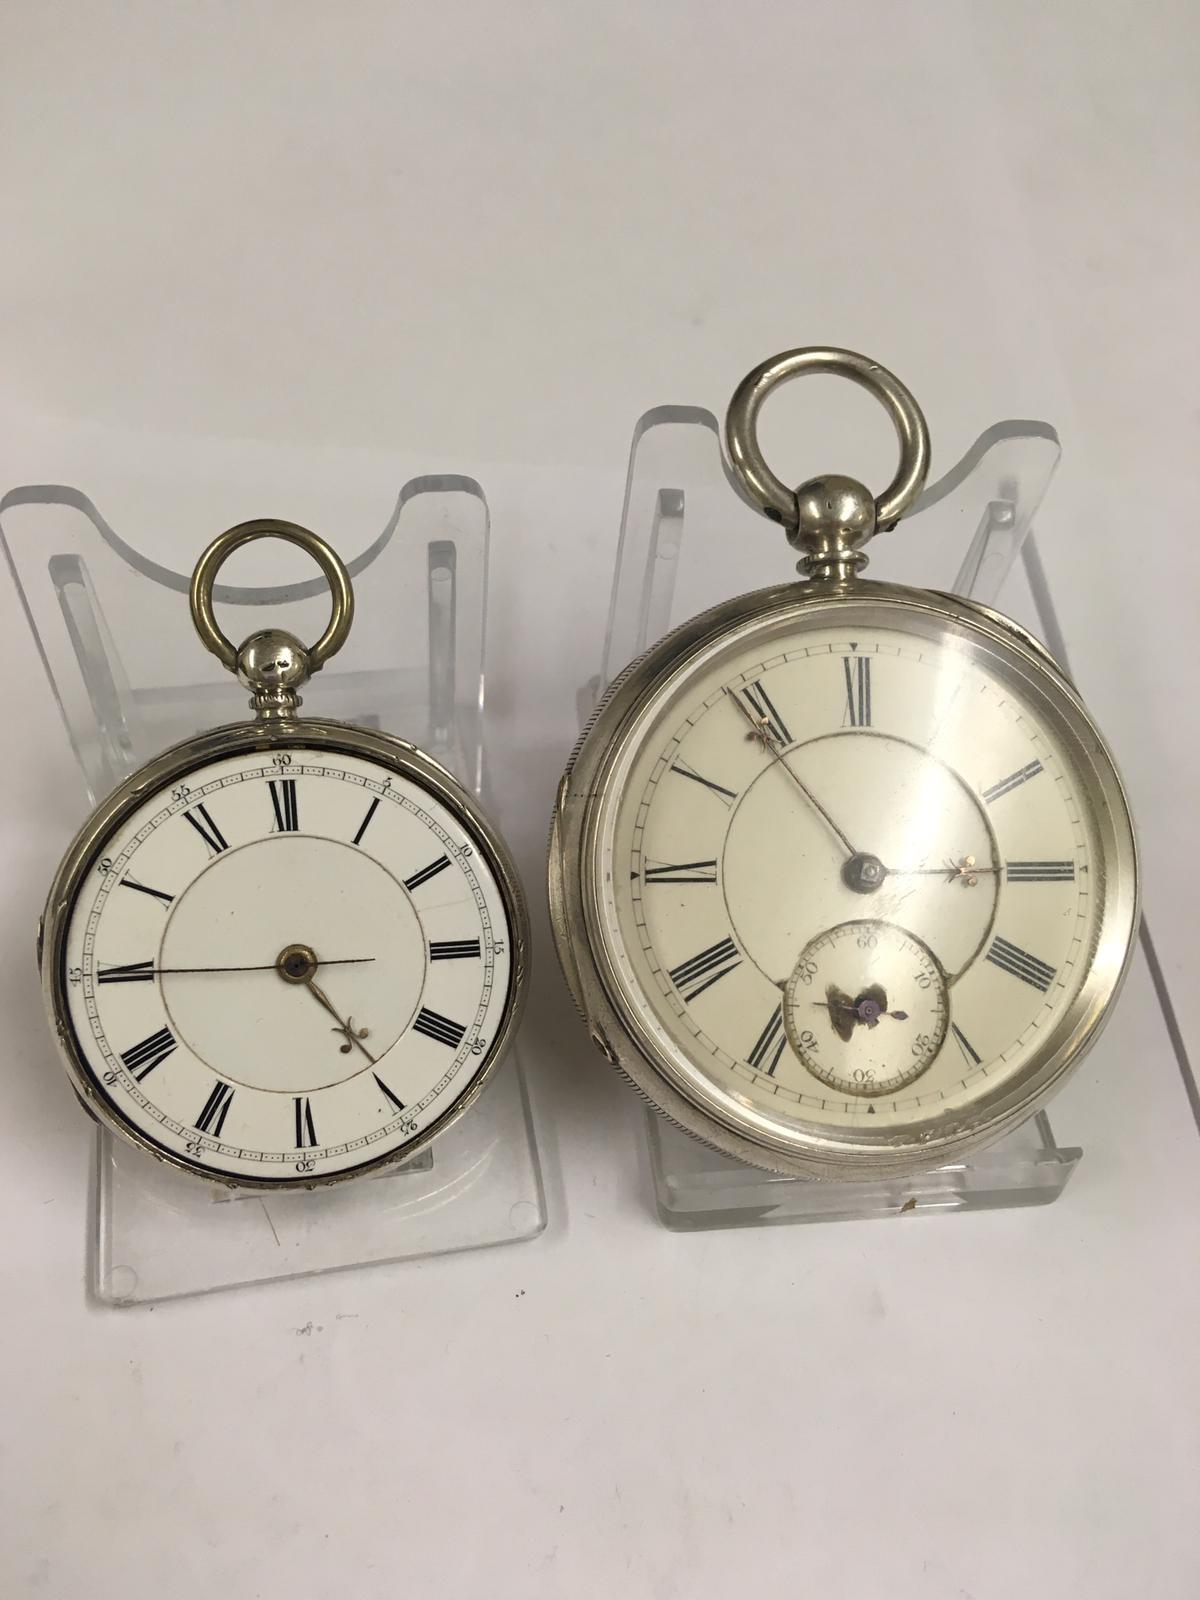 Antique silver pocket watches AF - Image 5 of 5